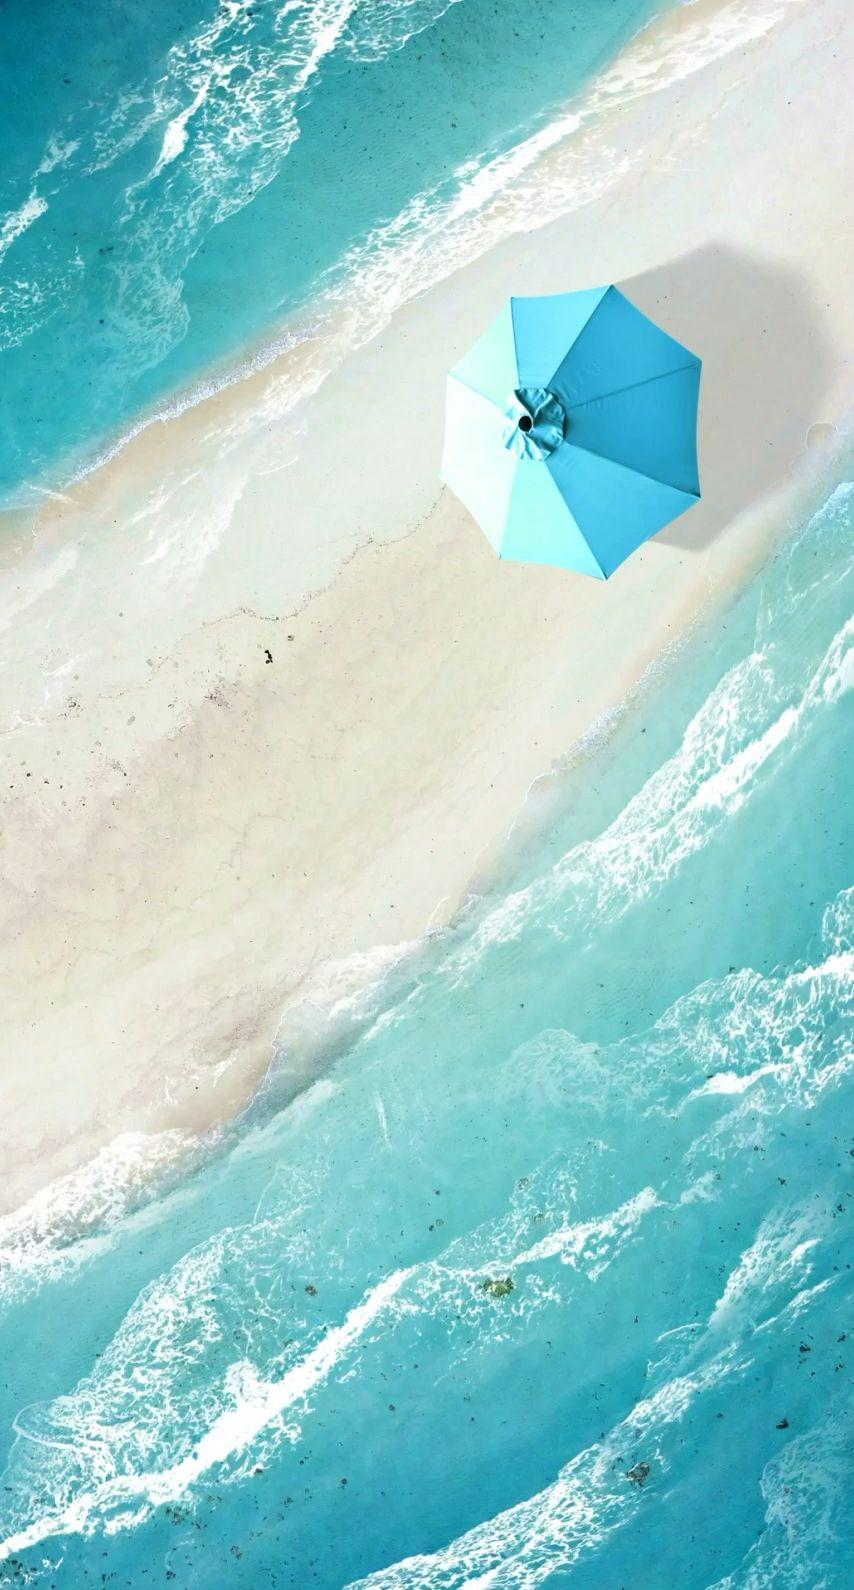 Beach Live Wallpaper For Your Iphone From Everpix Live Video Fotografia De Paisagem Fotos De Paisagem Papel De Parede De Verao